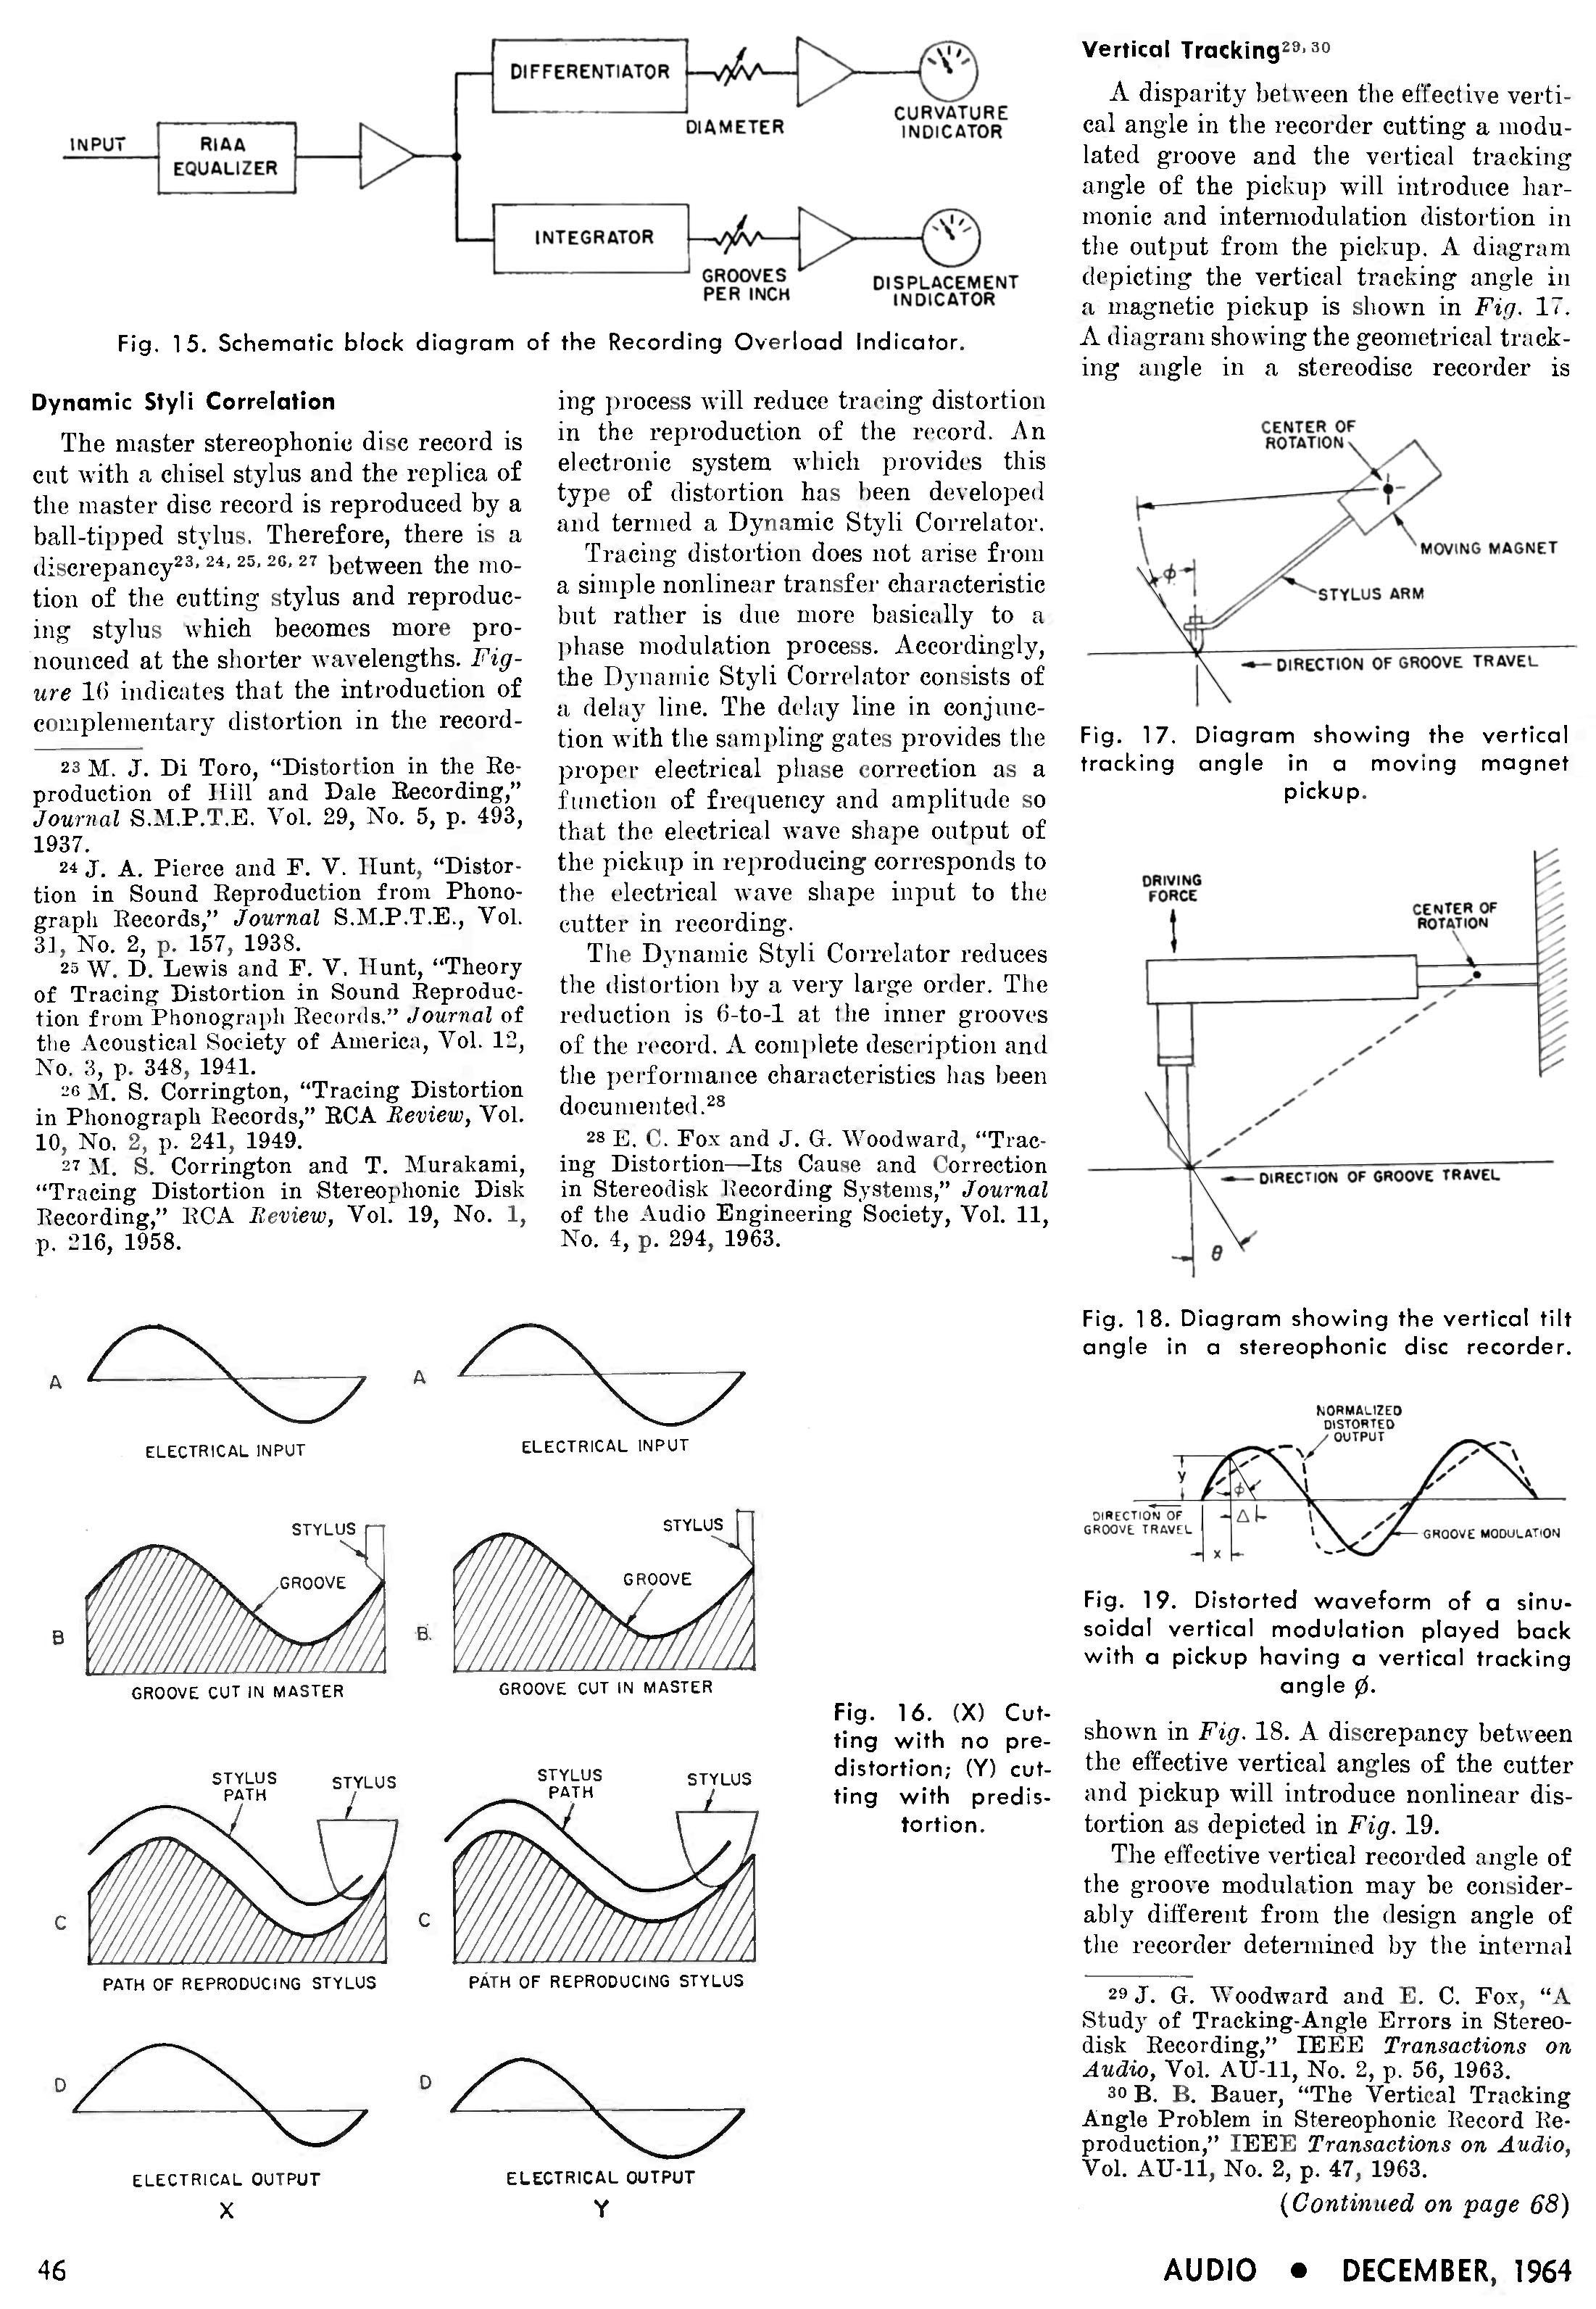 Audio-1964-12 48